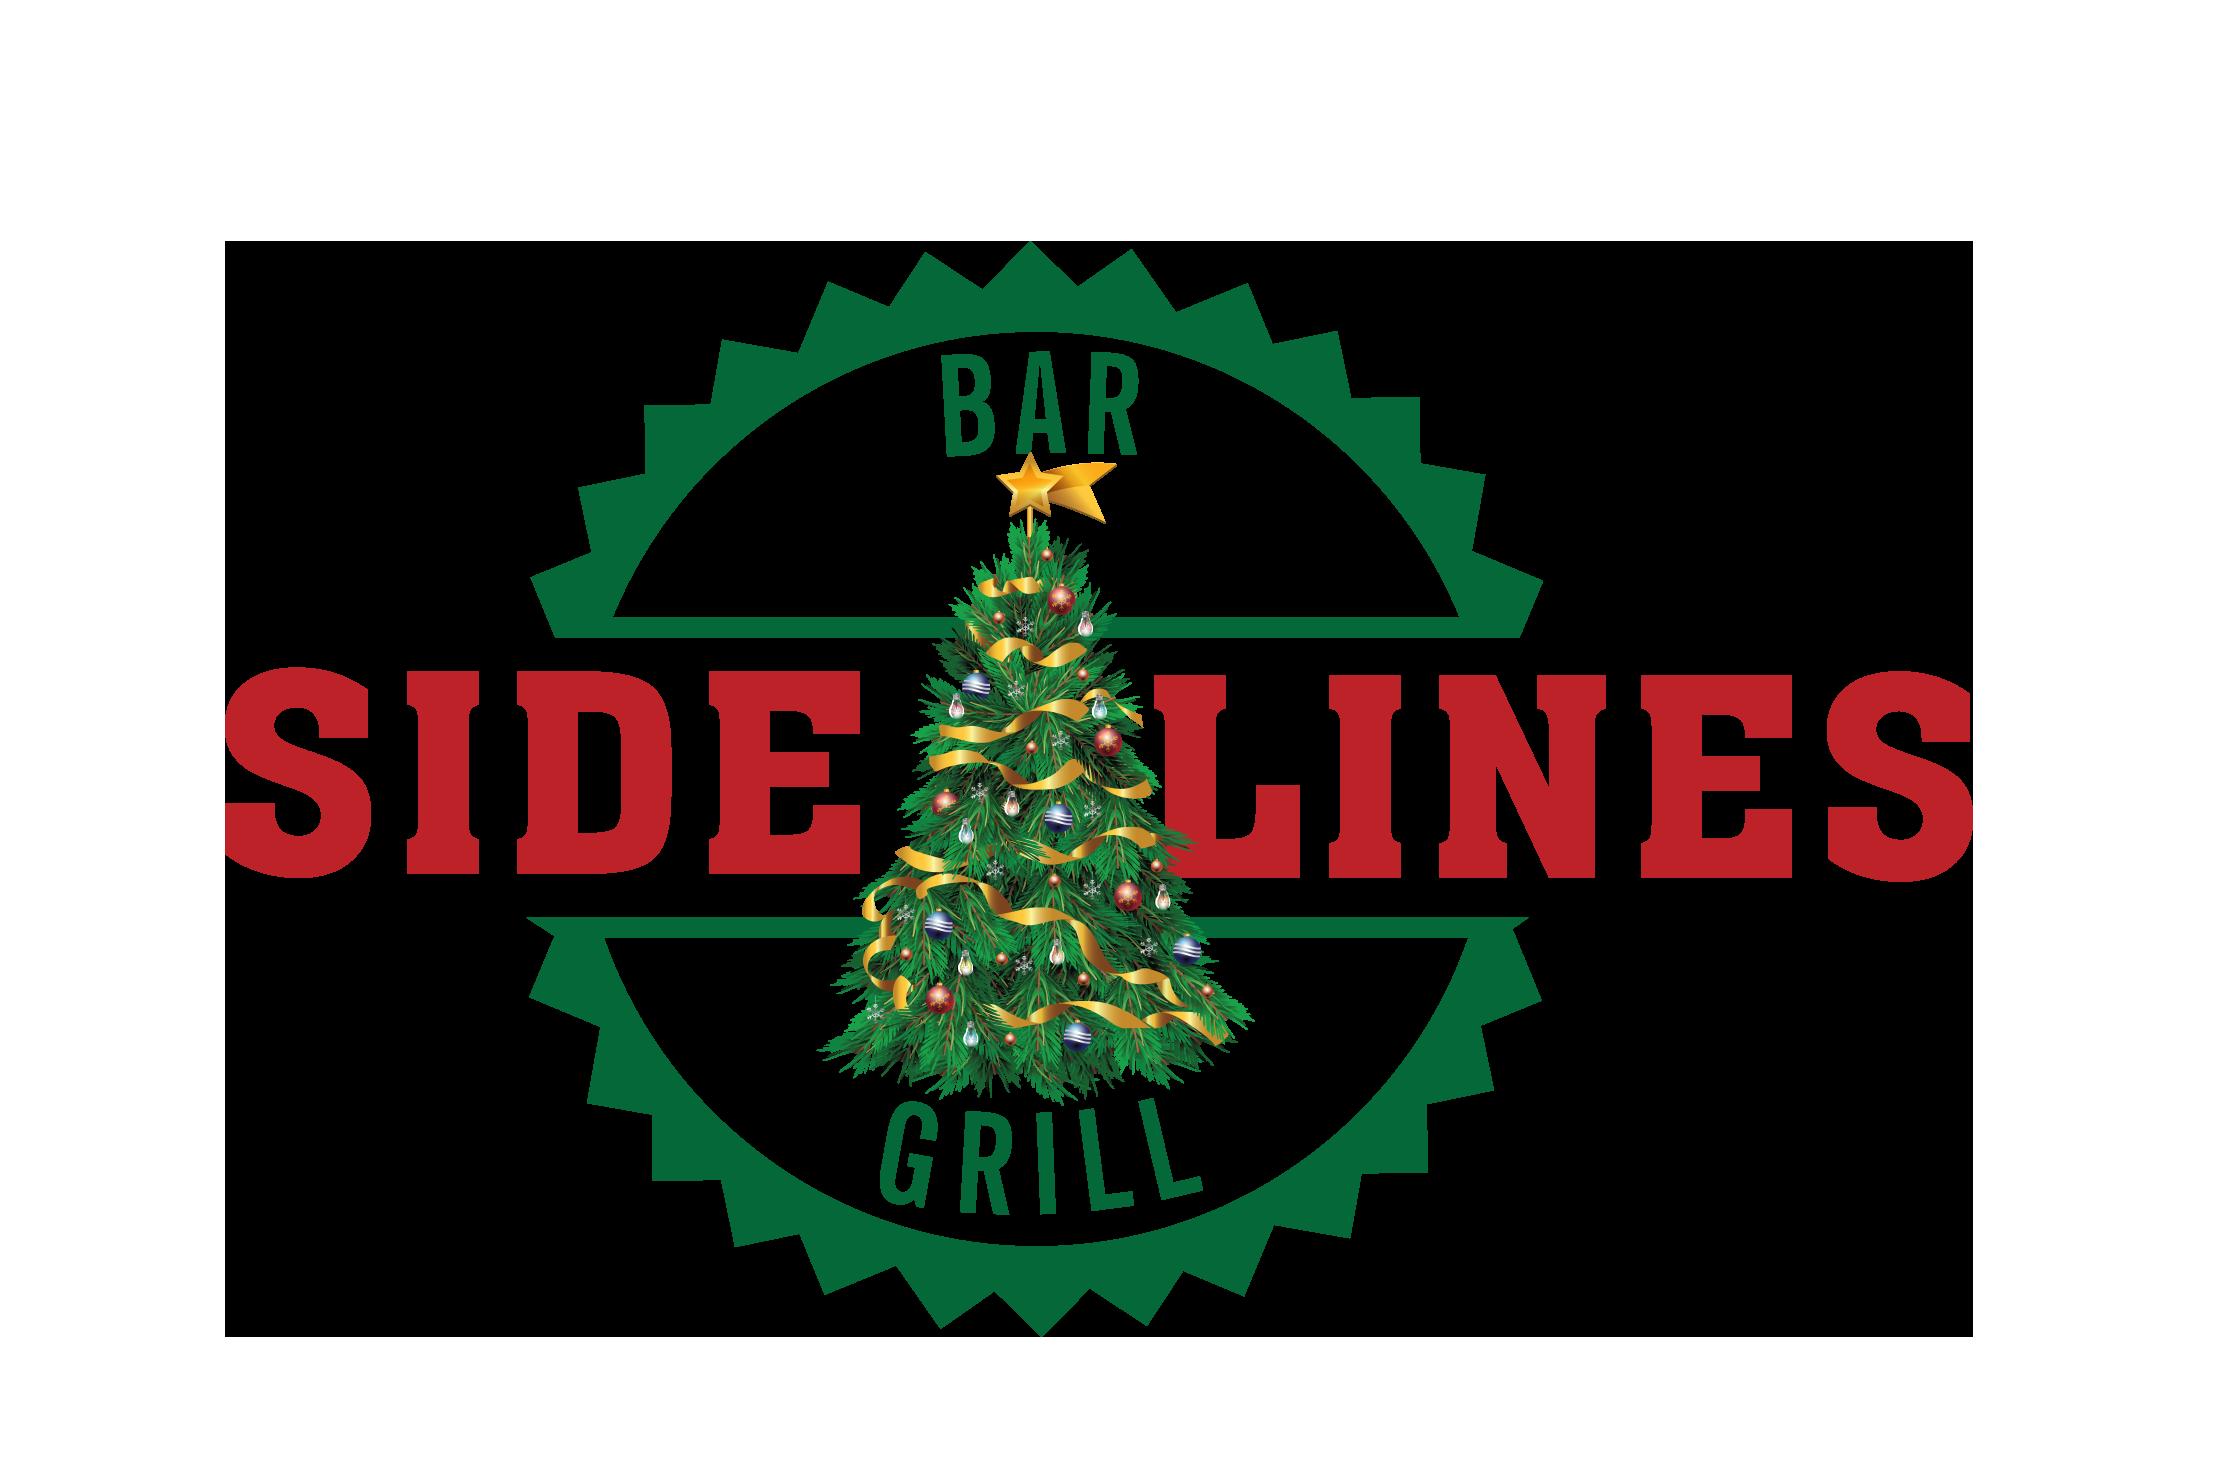 Sidelines_ToysForTots_Poster-toys logo-sidelines logo.png